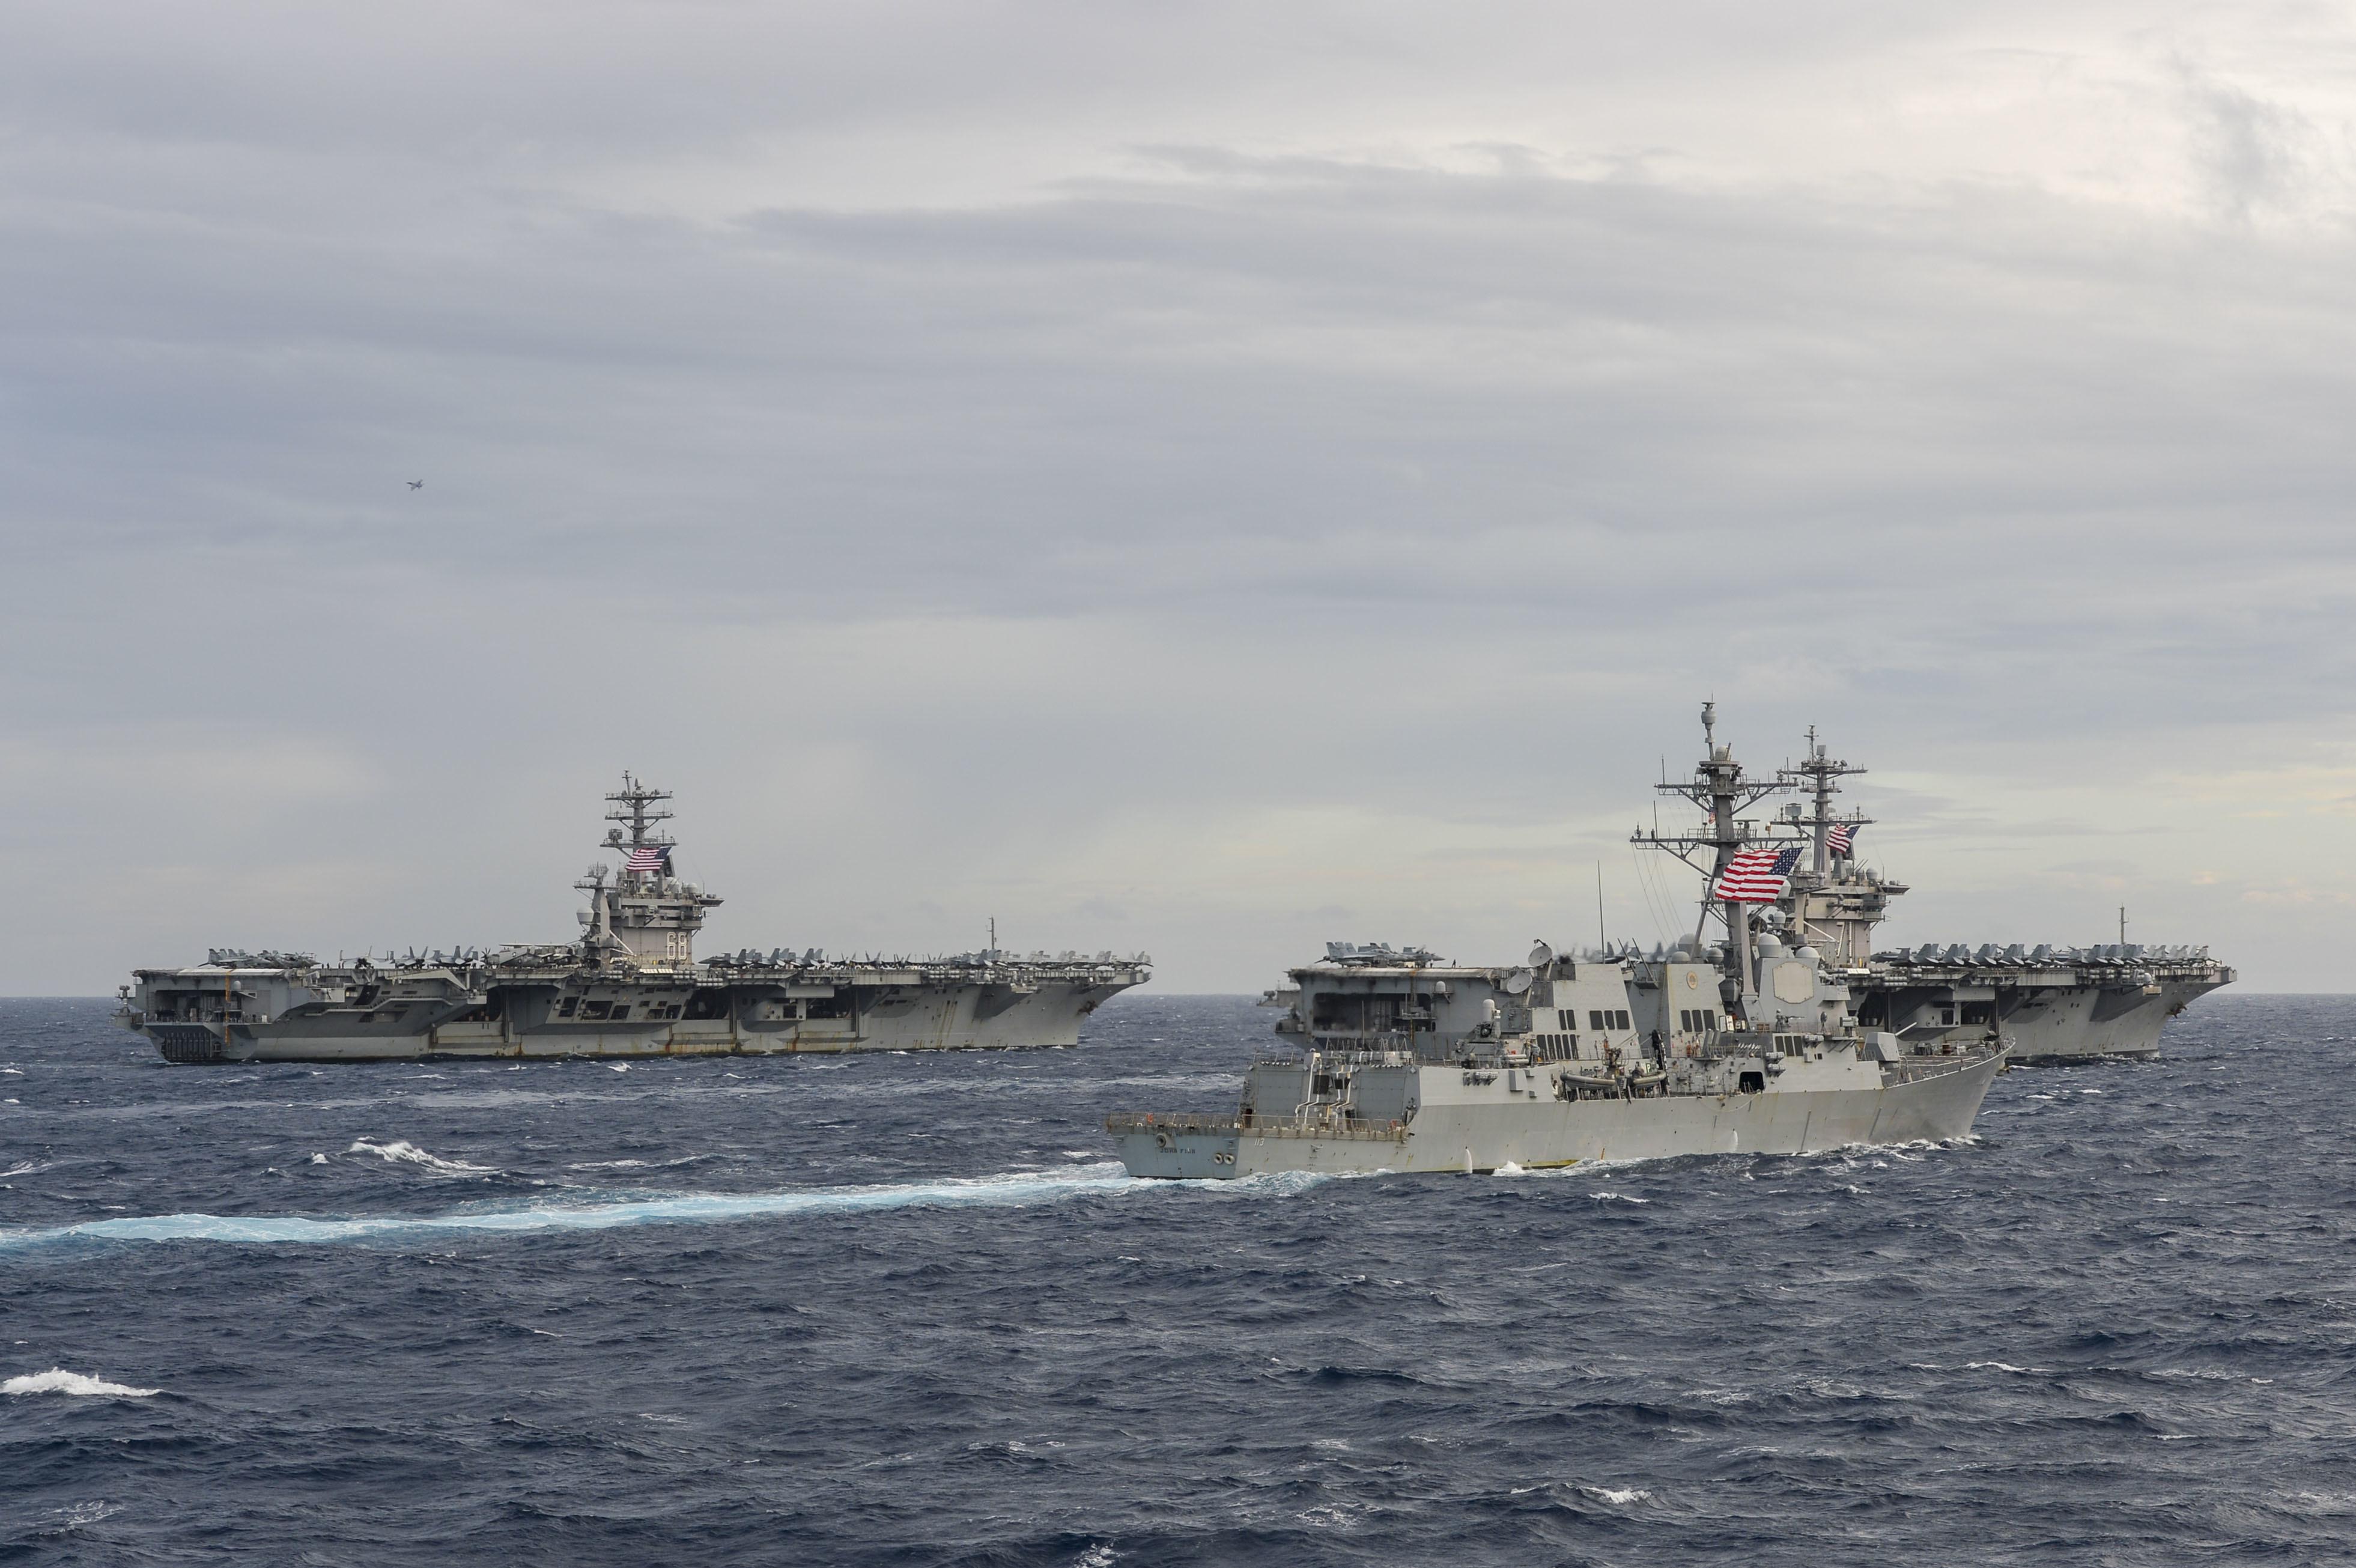 Estados Unidos continuará operando en el mar de la China Meridional para garantizar prosperidad para todos